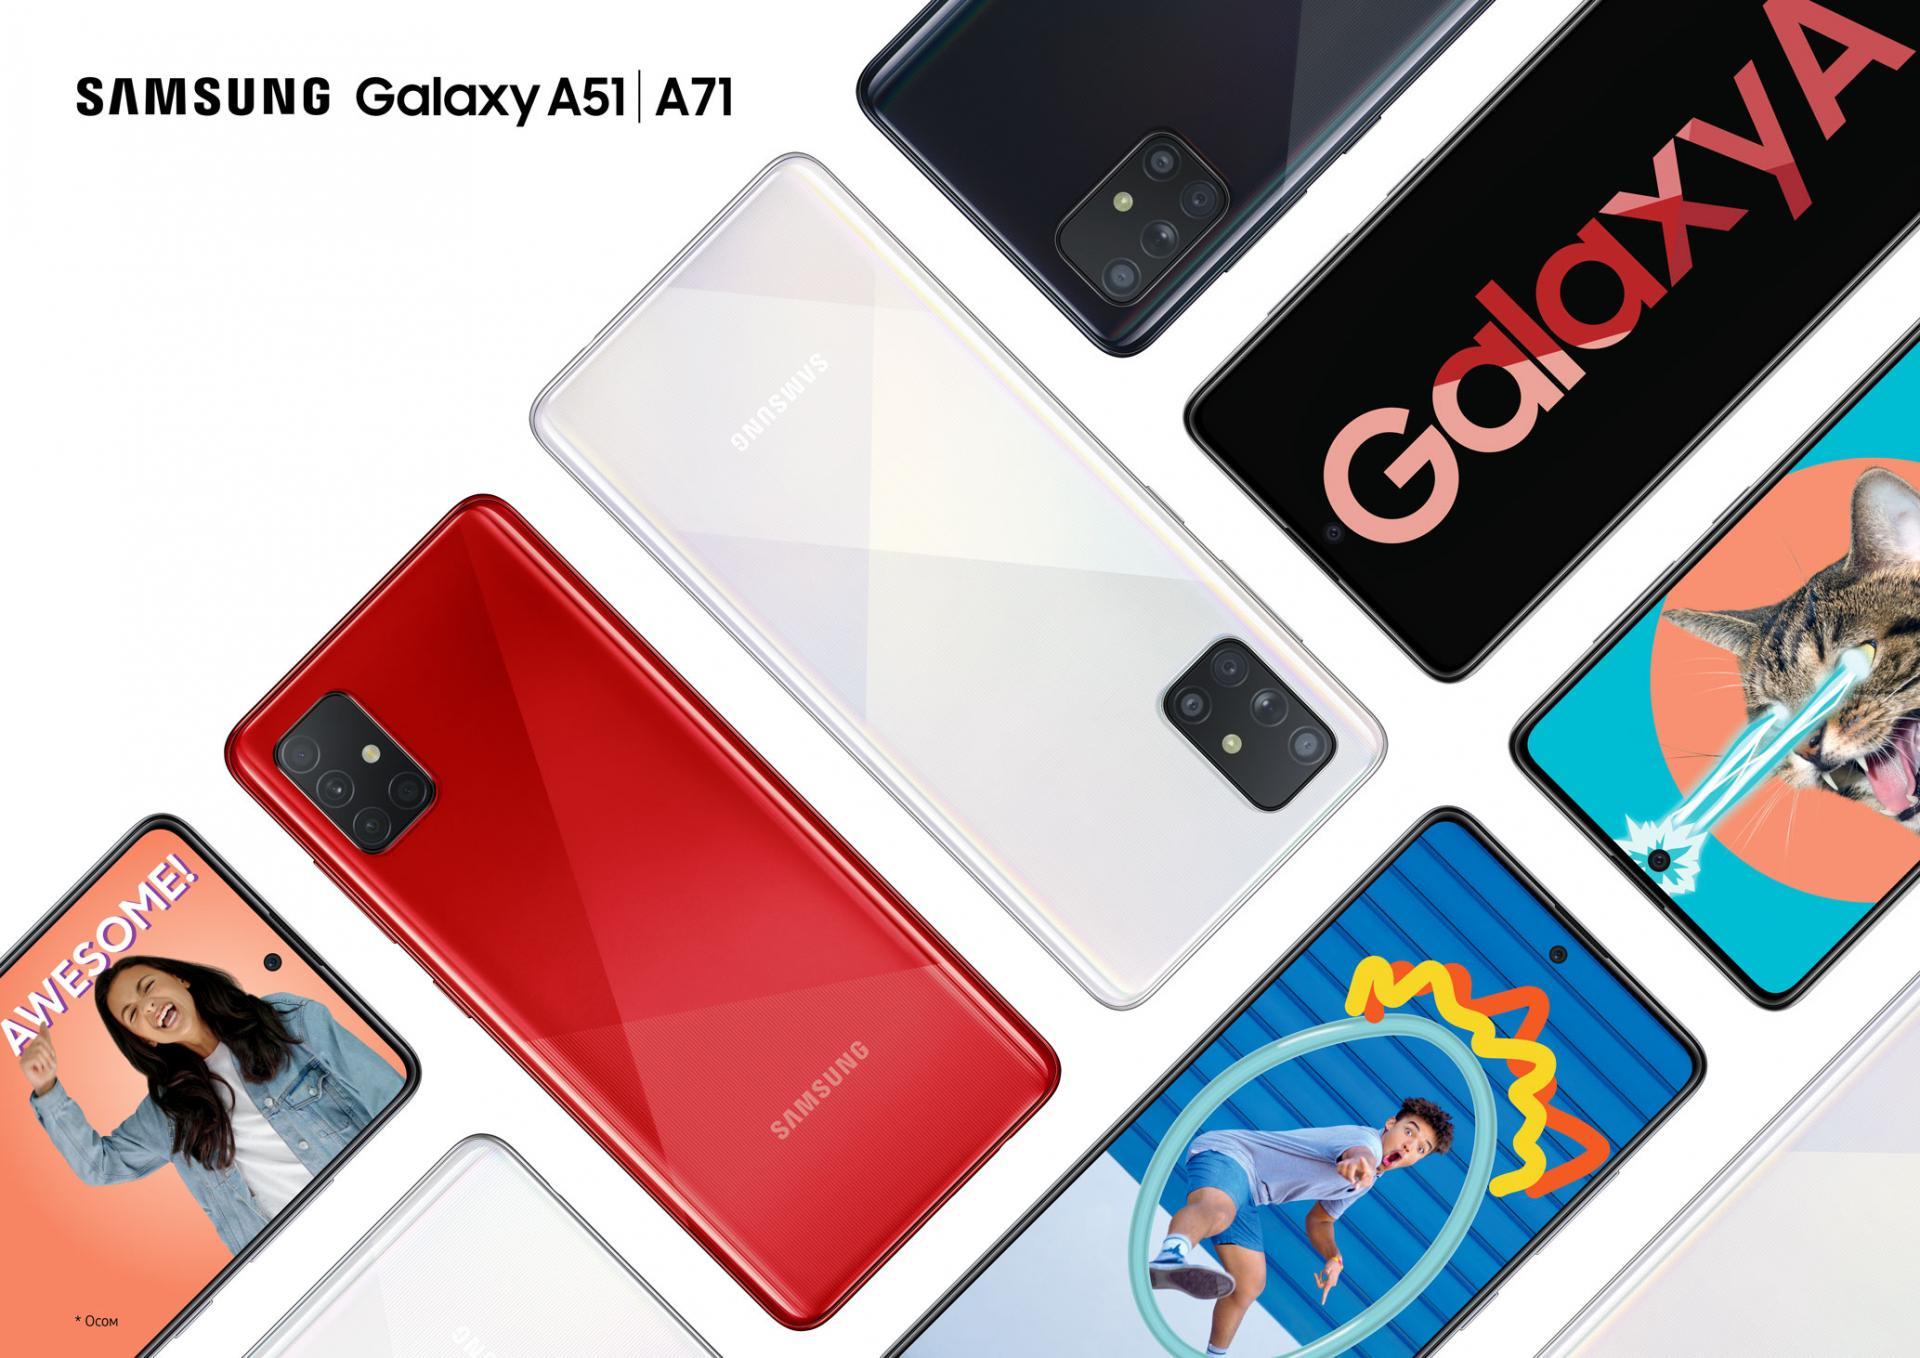 Samsung запускает Galaxy A51 иA71, метящие нароль народных устройств